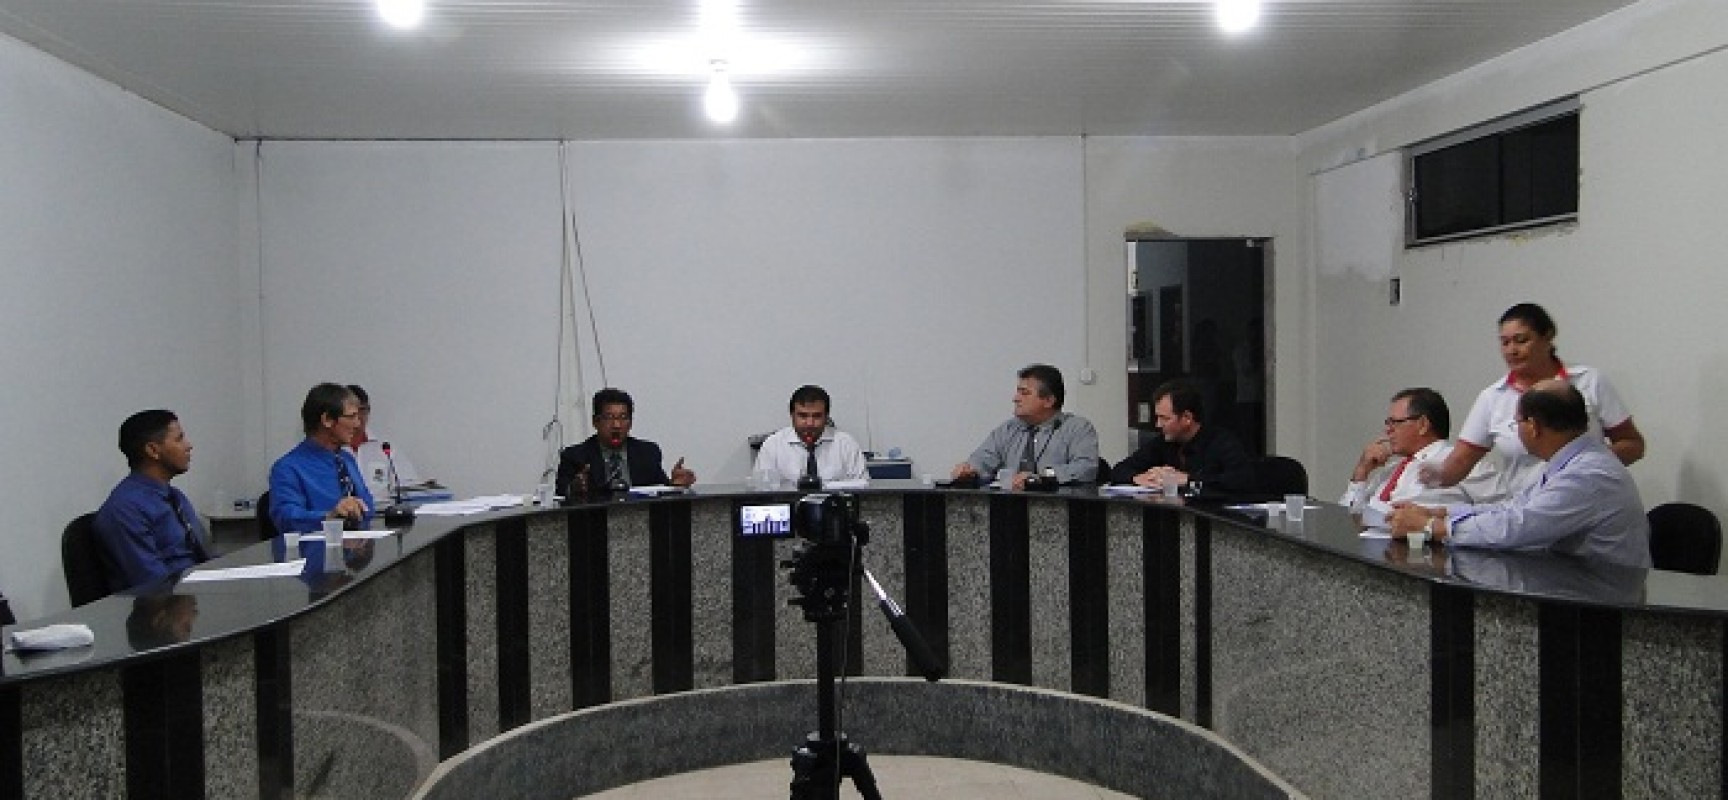 Denúncia contra Vereadores é arquivada em Reunião Plenária